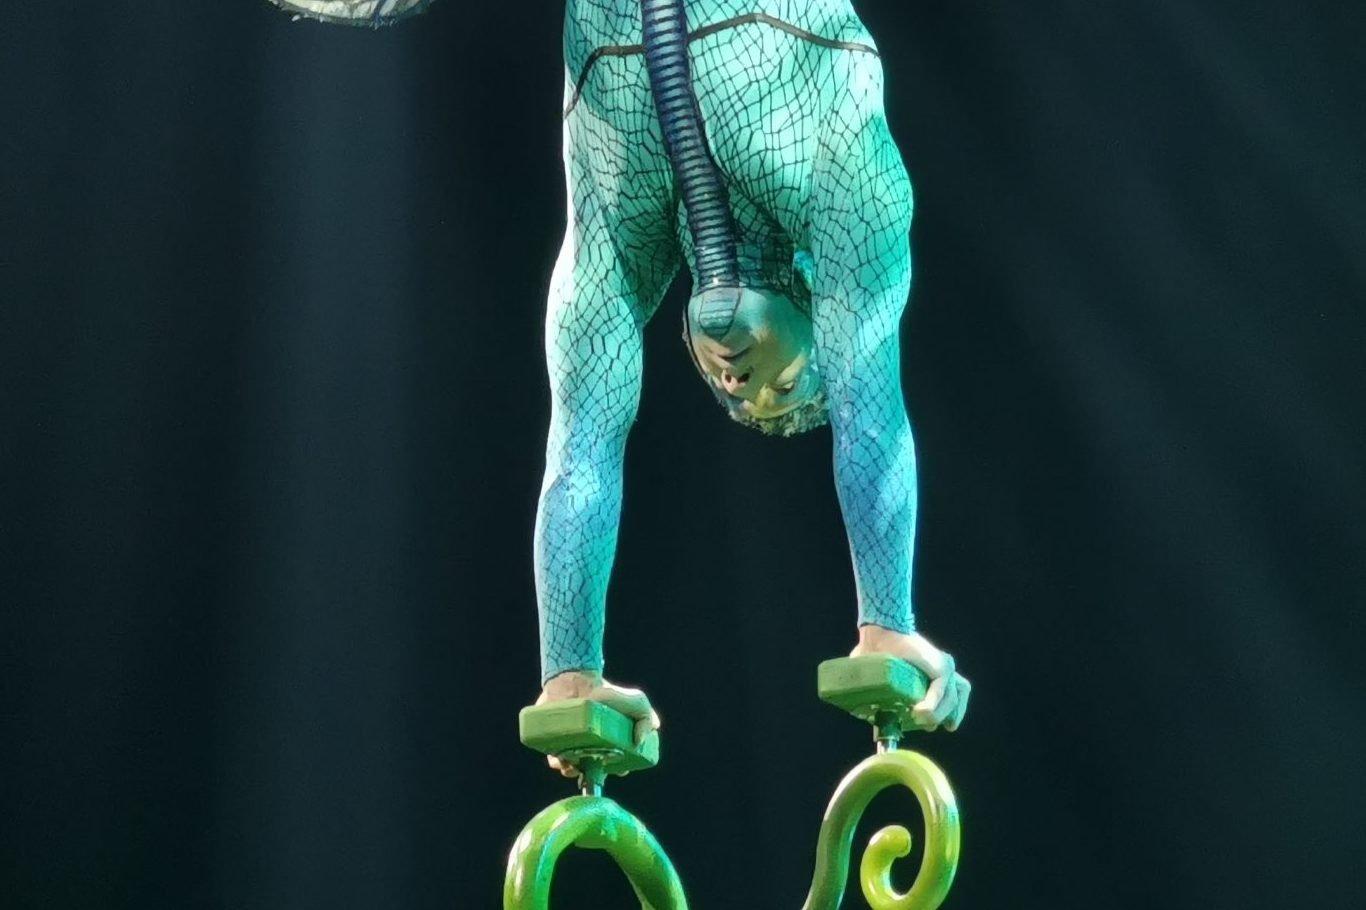 Apresentação Ovo Cirque du Soleil